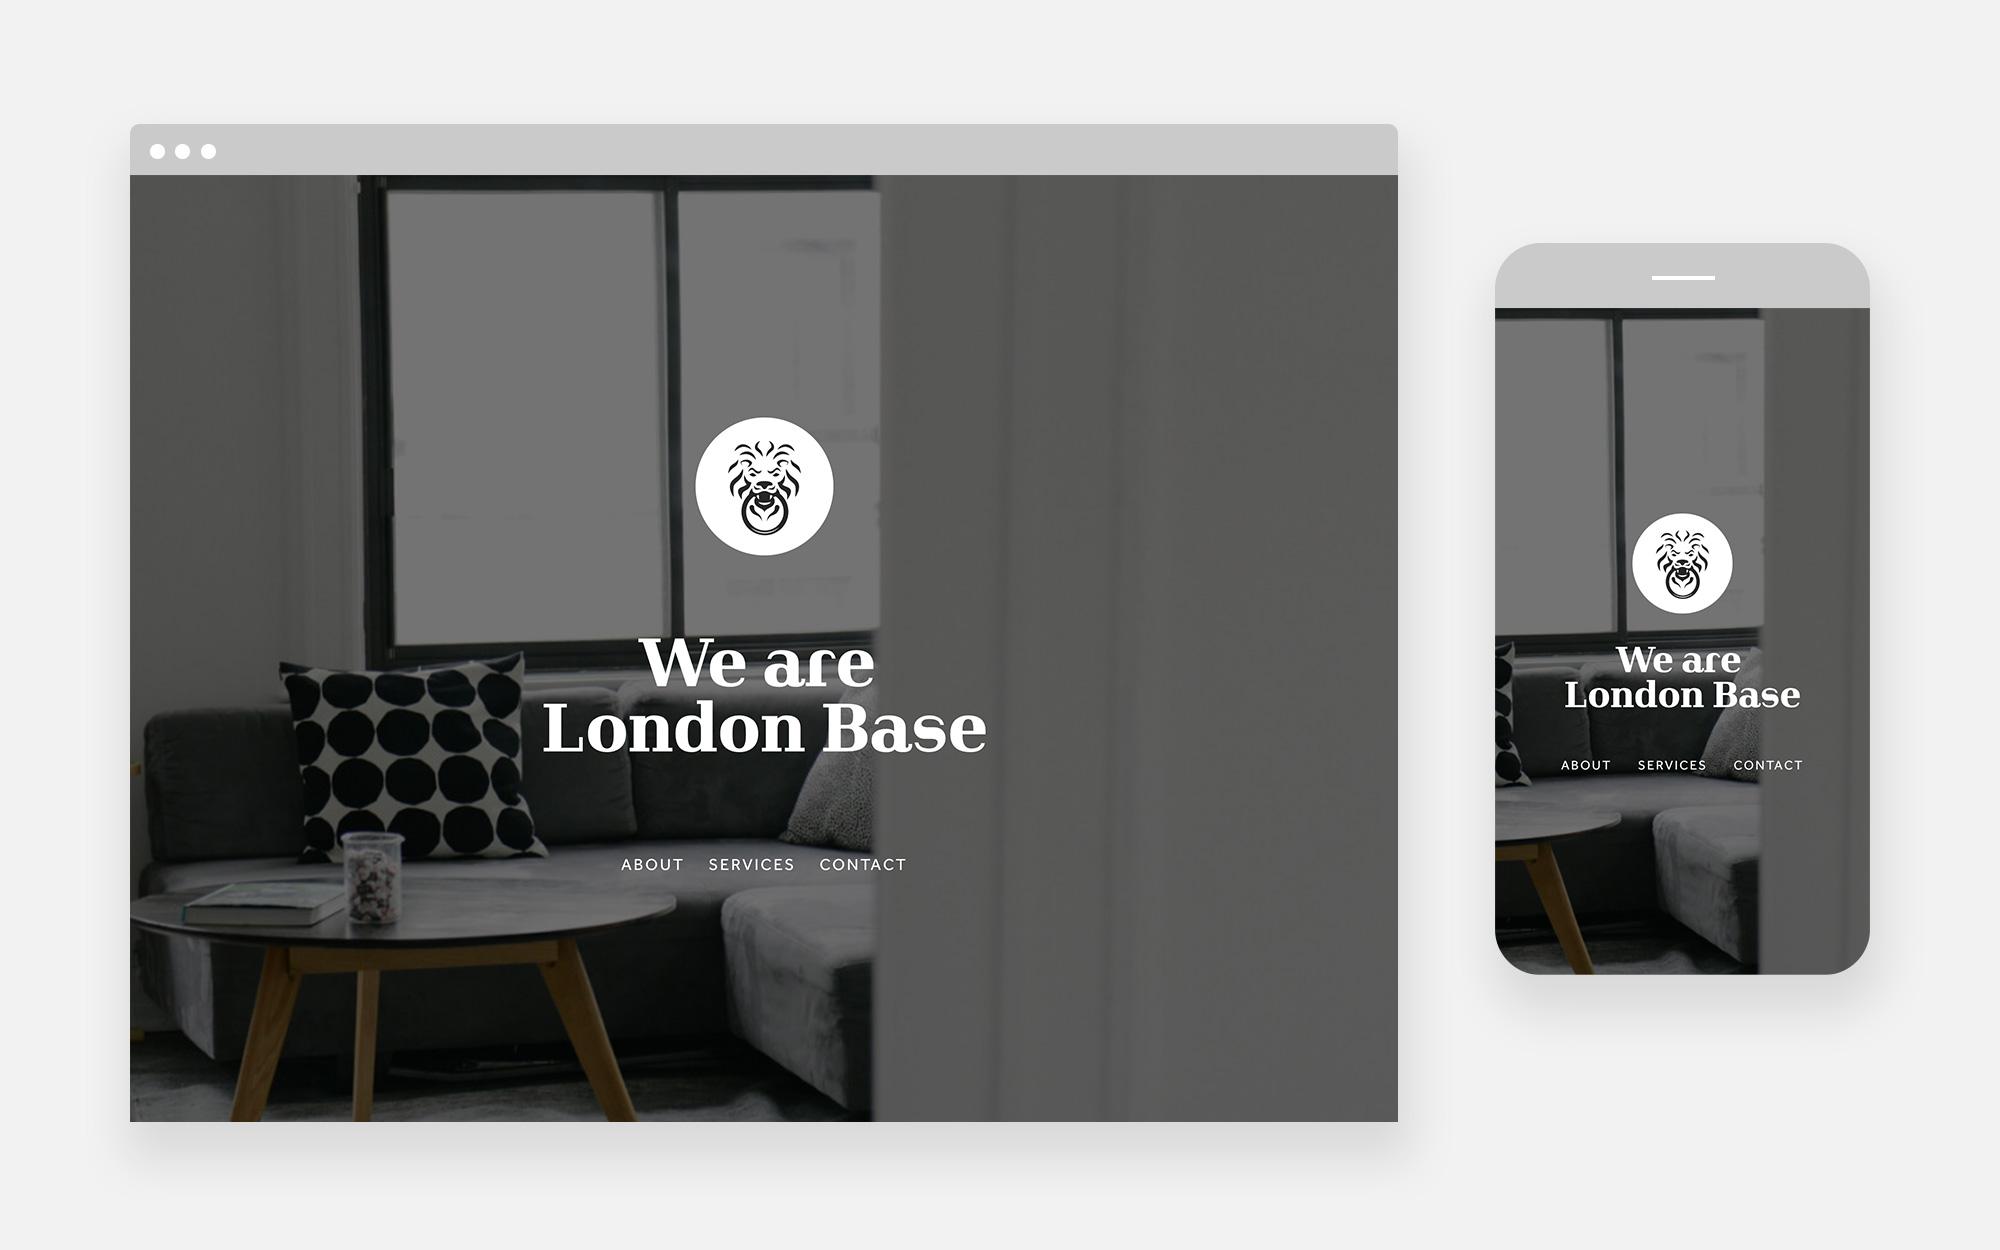 London Base Property Management Website Design